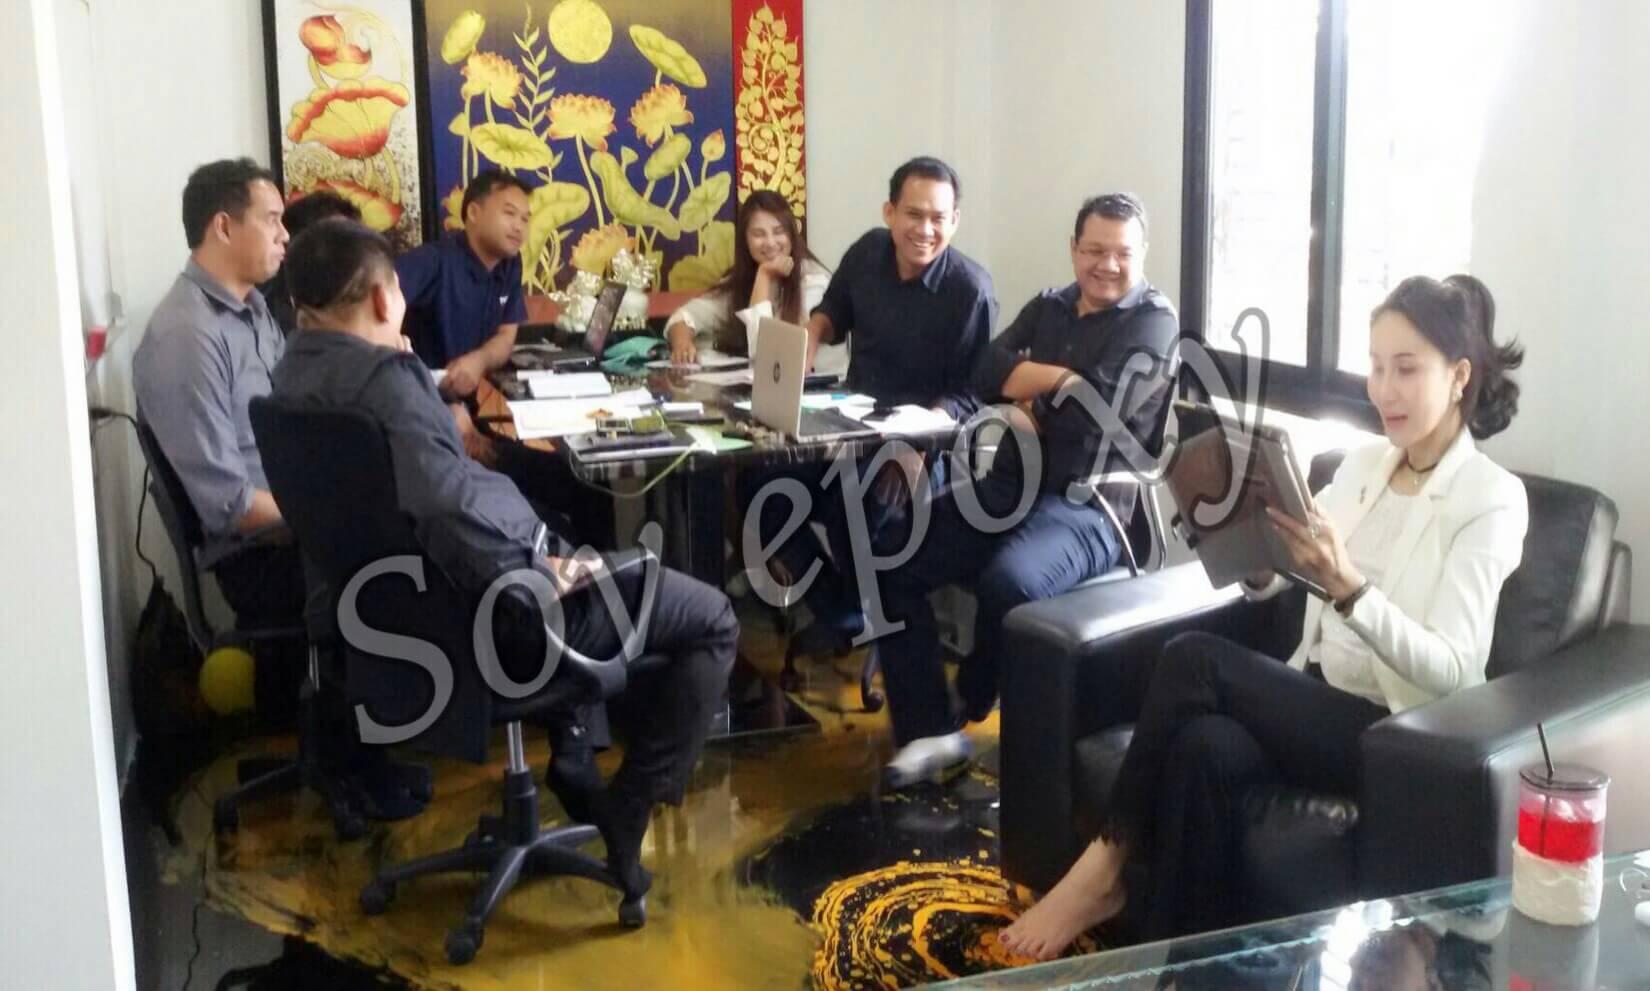 ประชุมยอดขาย SOV EPOXY 6